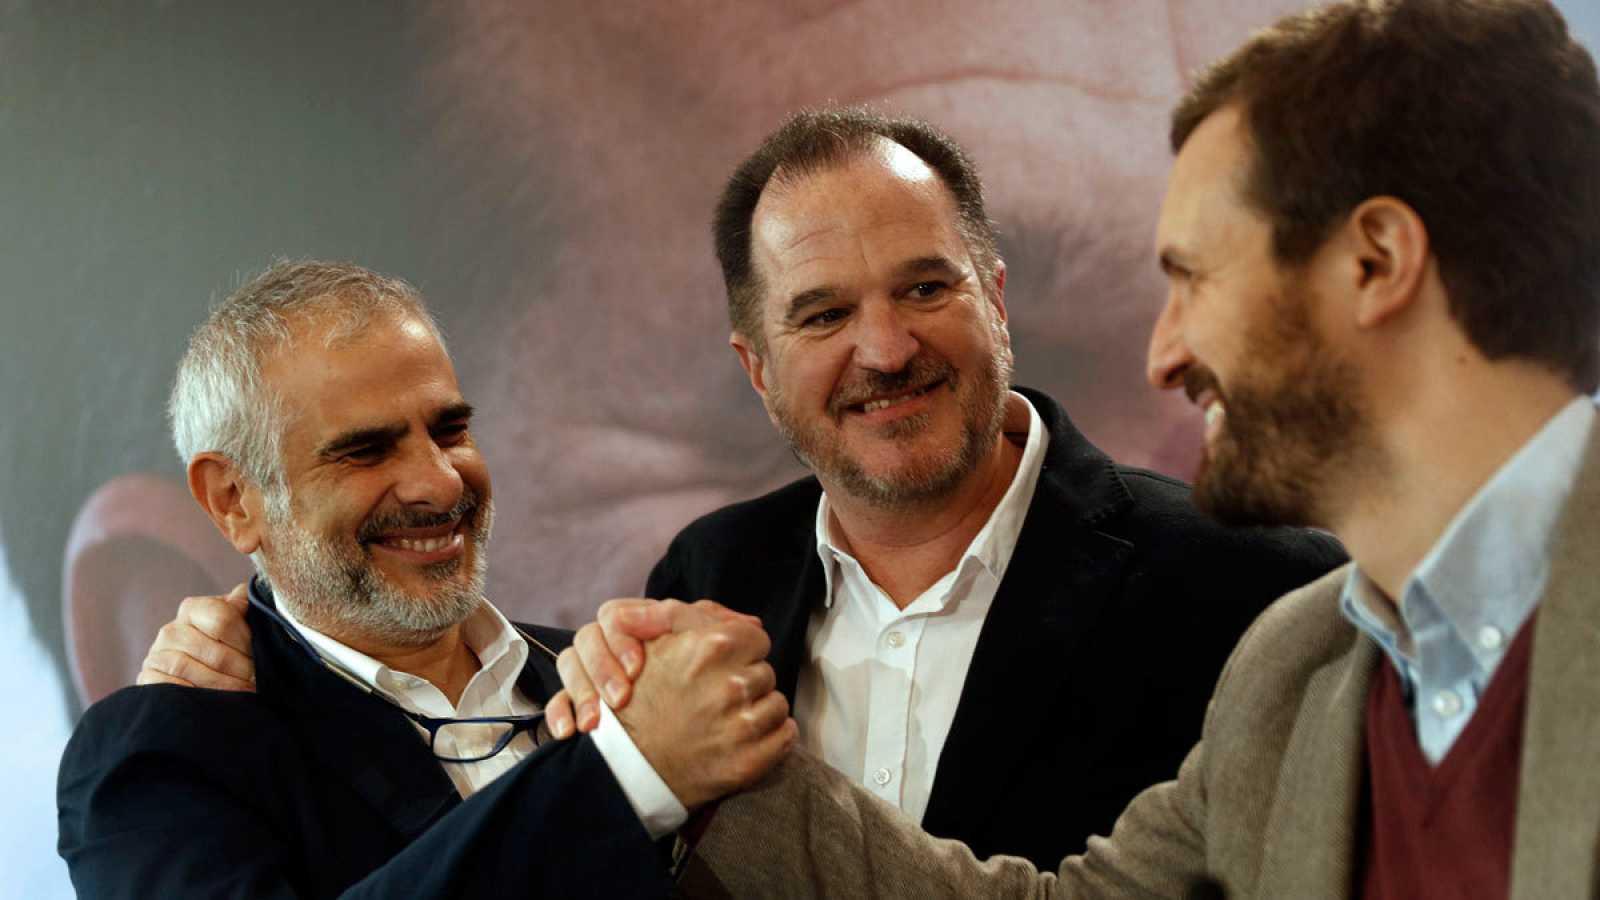 El presidente del PP, Pablo Casado, (d) saluda al dirigente de Ciudadanos Carlos Carrizosa (i), en presencia del candidato a lehendakari de la coalición PP+Ciudadanos, Carlos Iturgaiz.